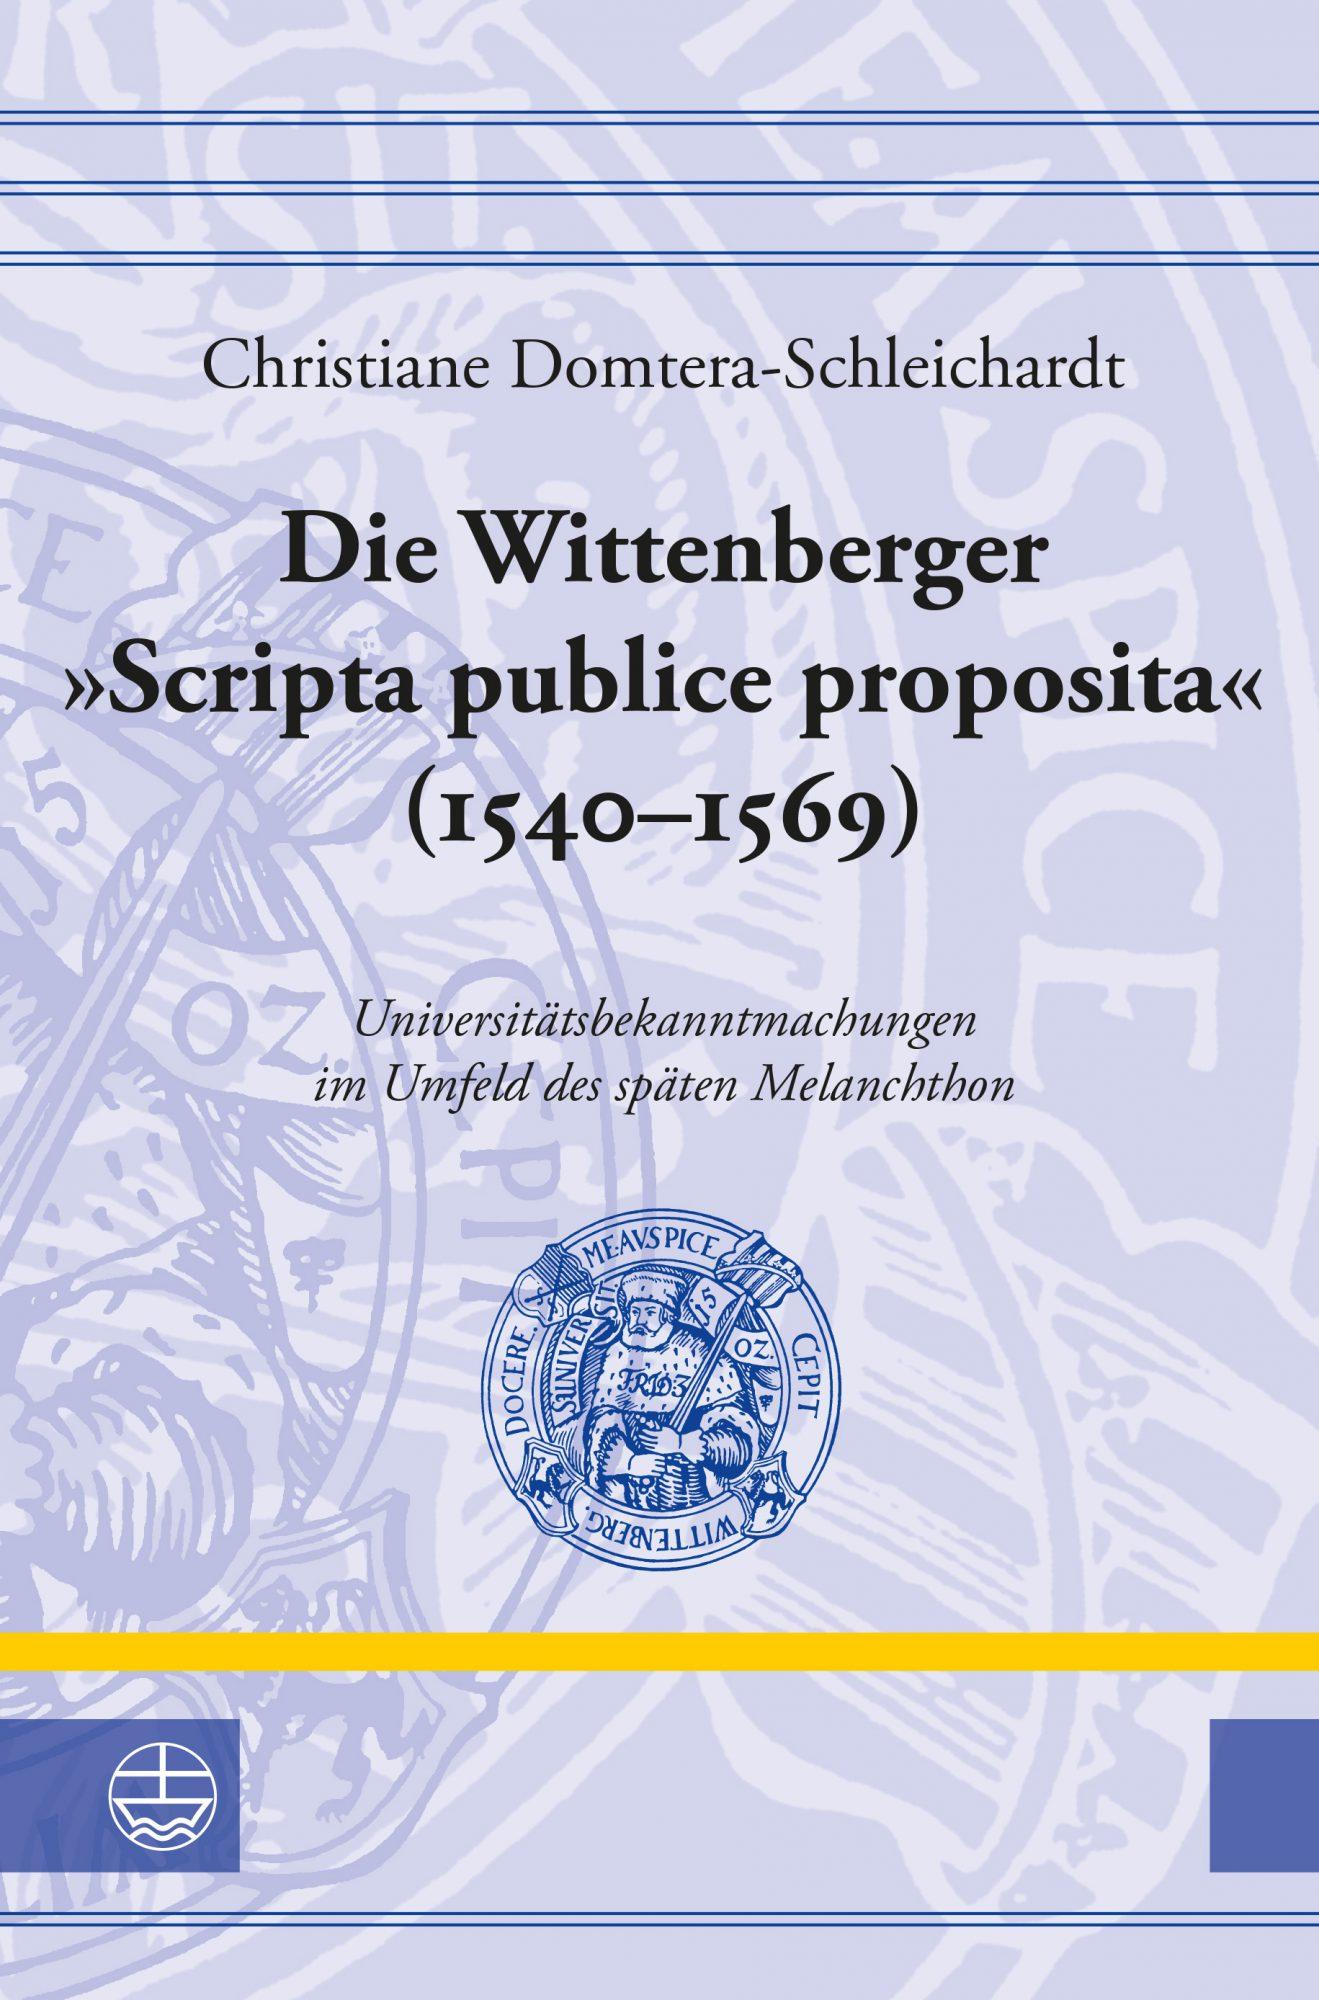 Die Wittenberger 'Scripta publice proposita' (1540–1569). Universitätsbekannt machungen im Umfeld des späten Melanchthon